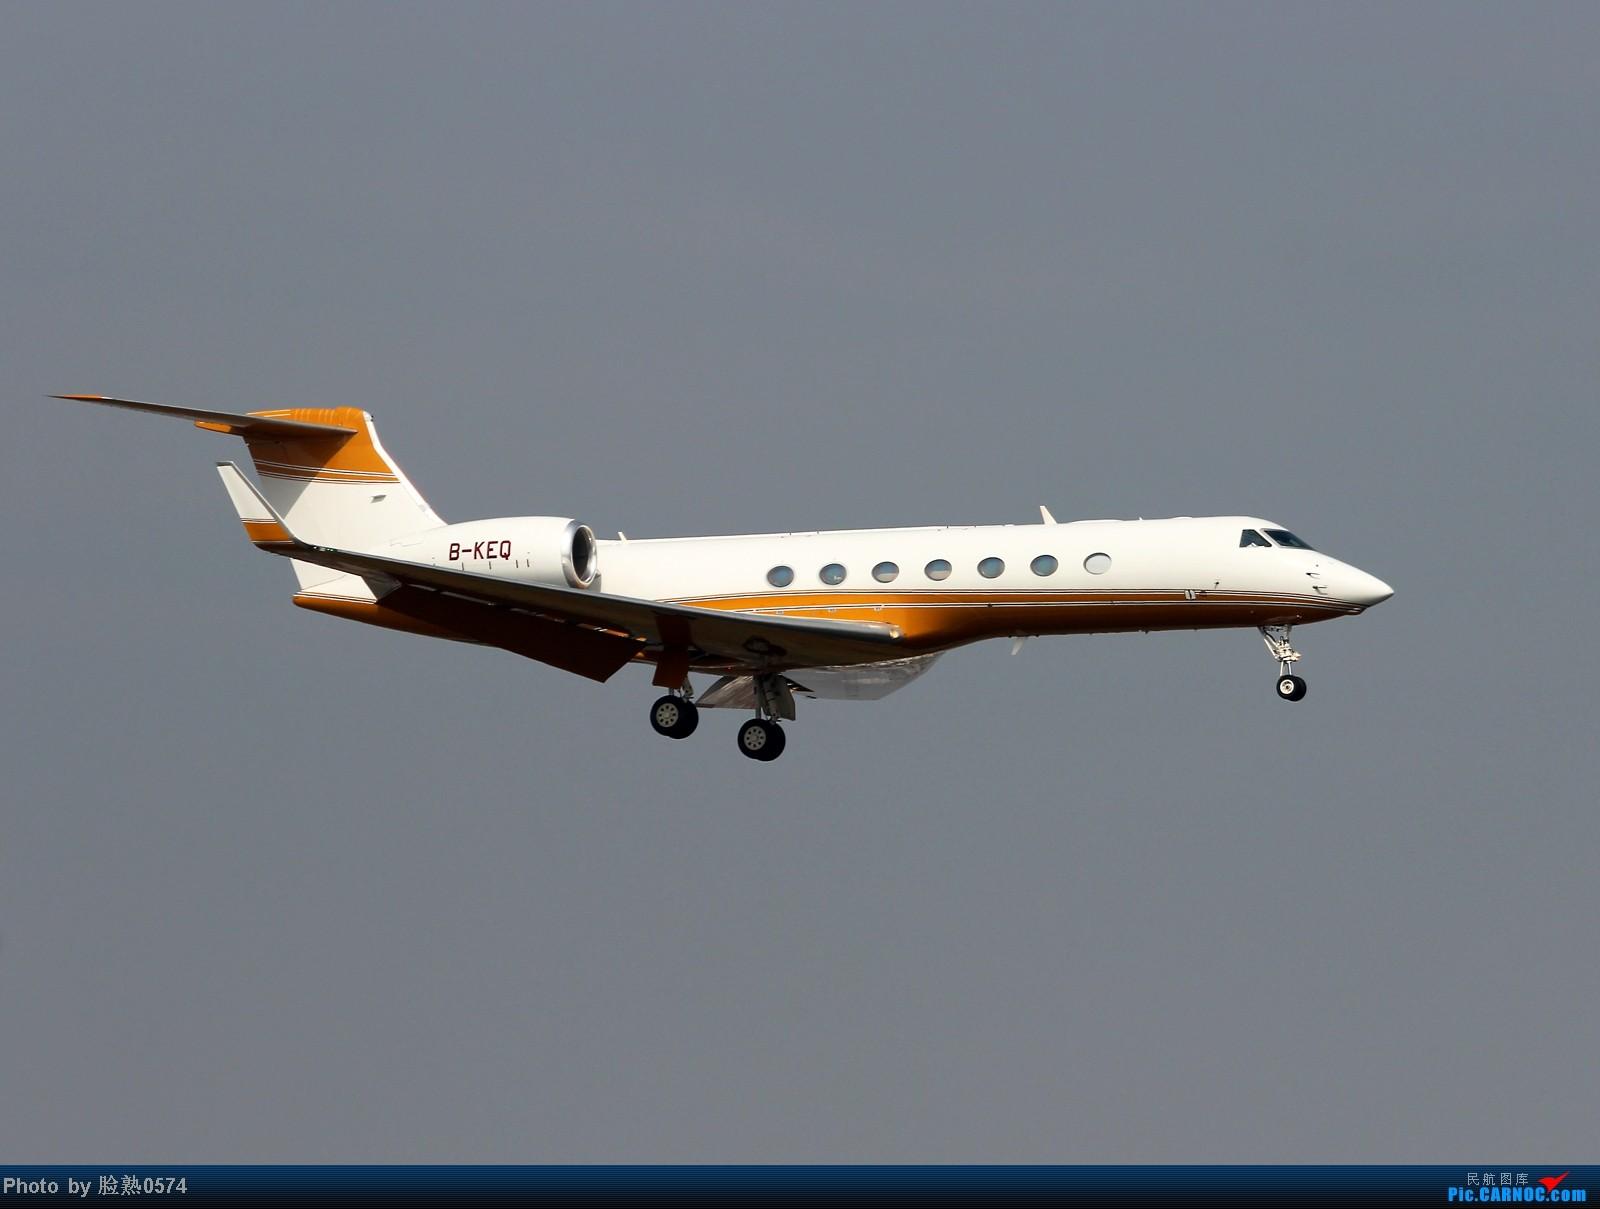 Re:[原创]无聊的等待换来了一架湾流公务机G550 G550 B-KEQ 中国宁波栎社机场